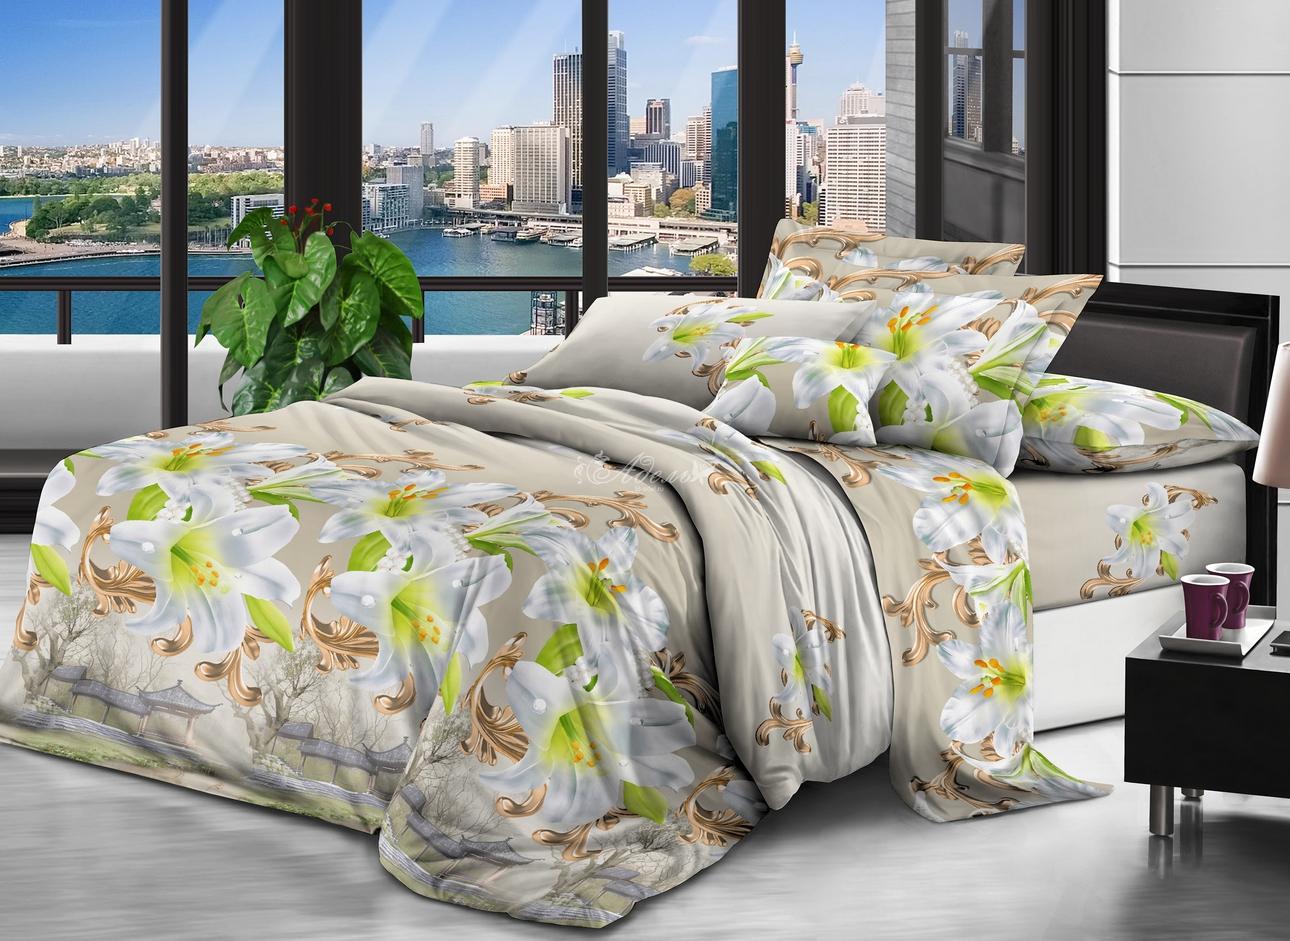 Постельное белье iv61604 (полисатин) (1,5 спальный) постельное белье сирень лучшие друзья комплект 1 5 спальный полисатин кпбм 08675